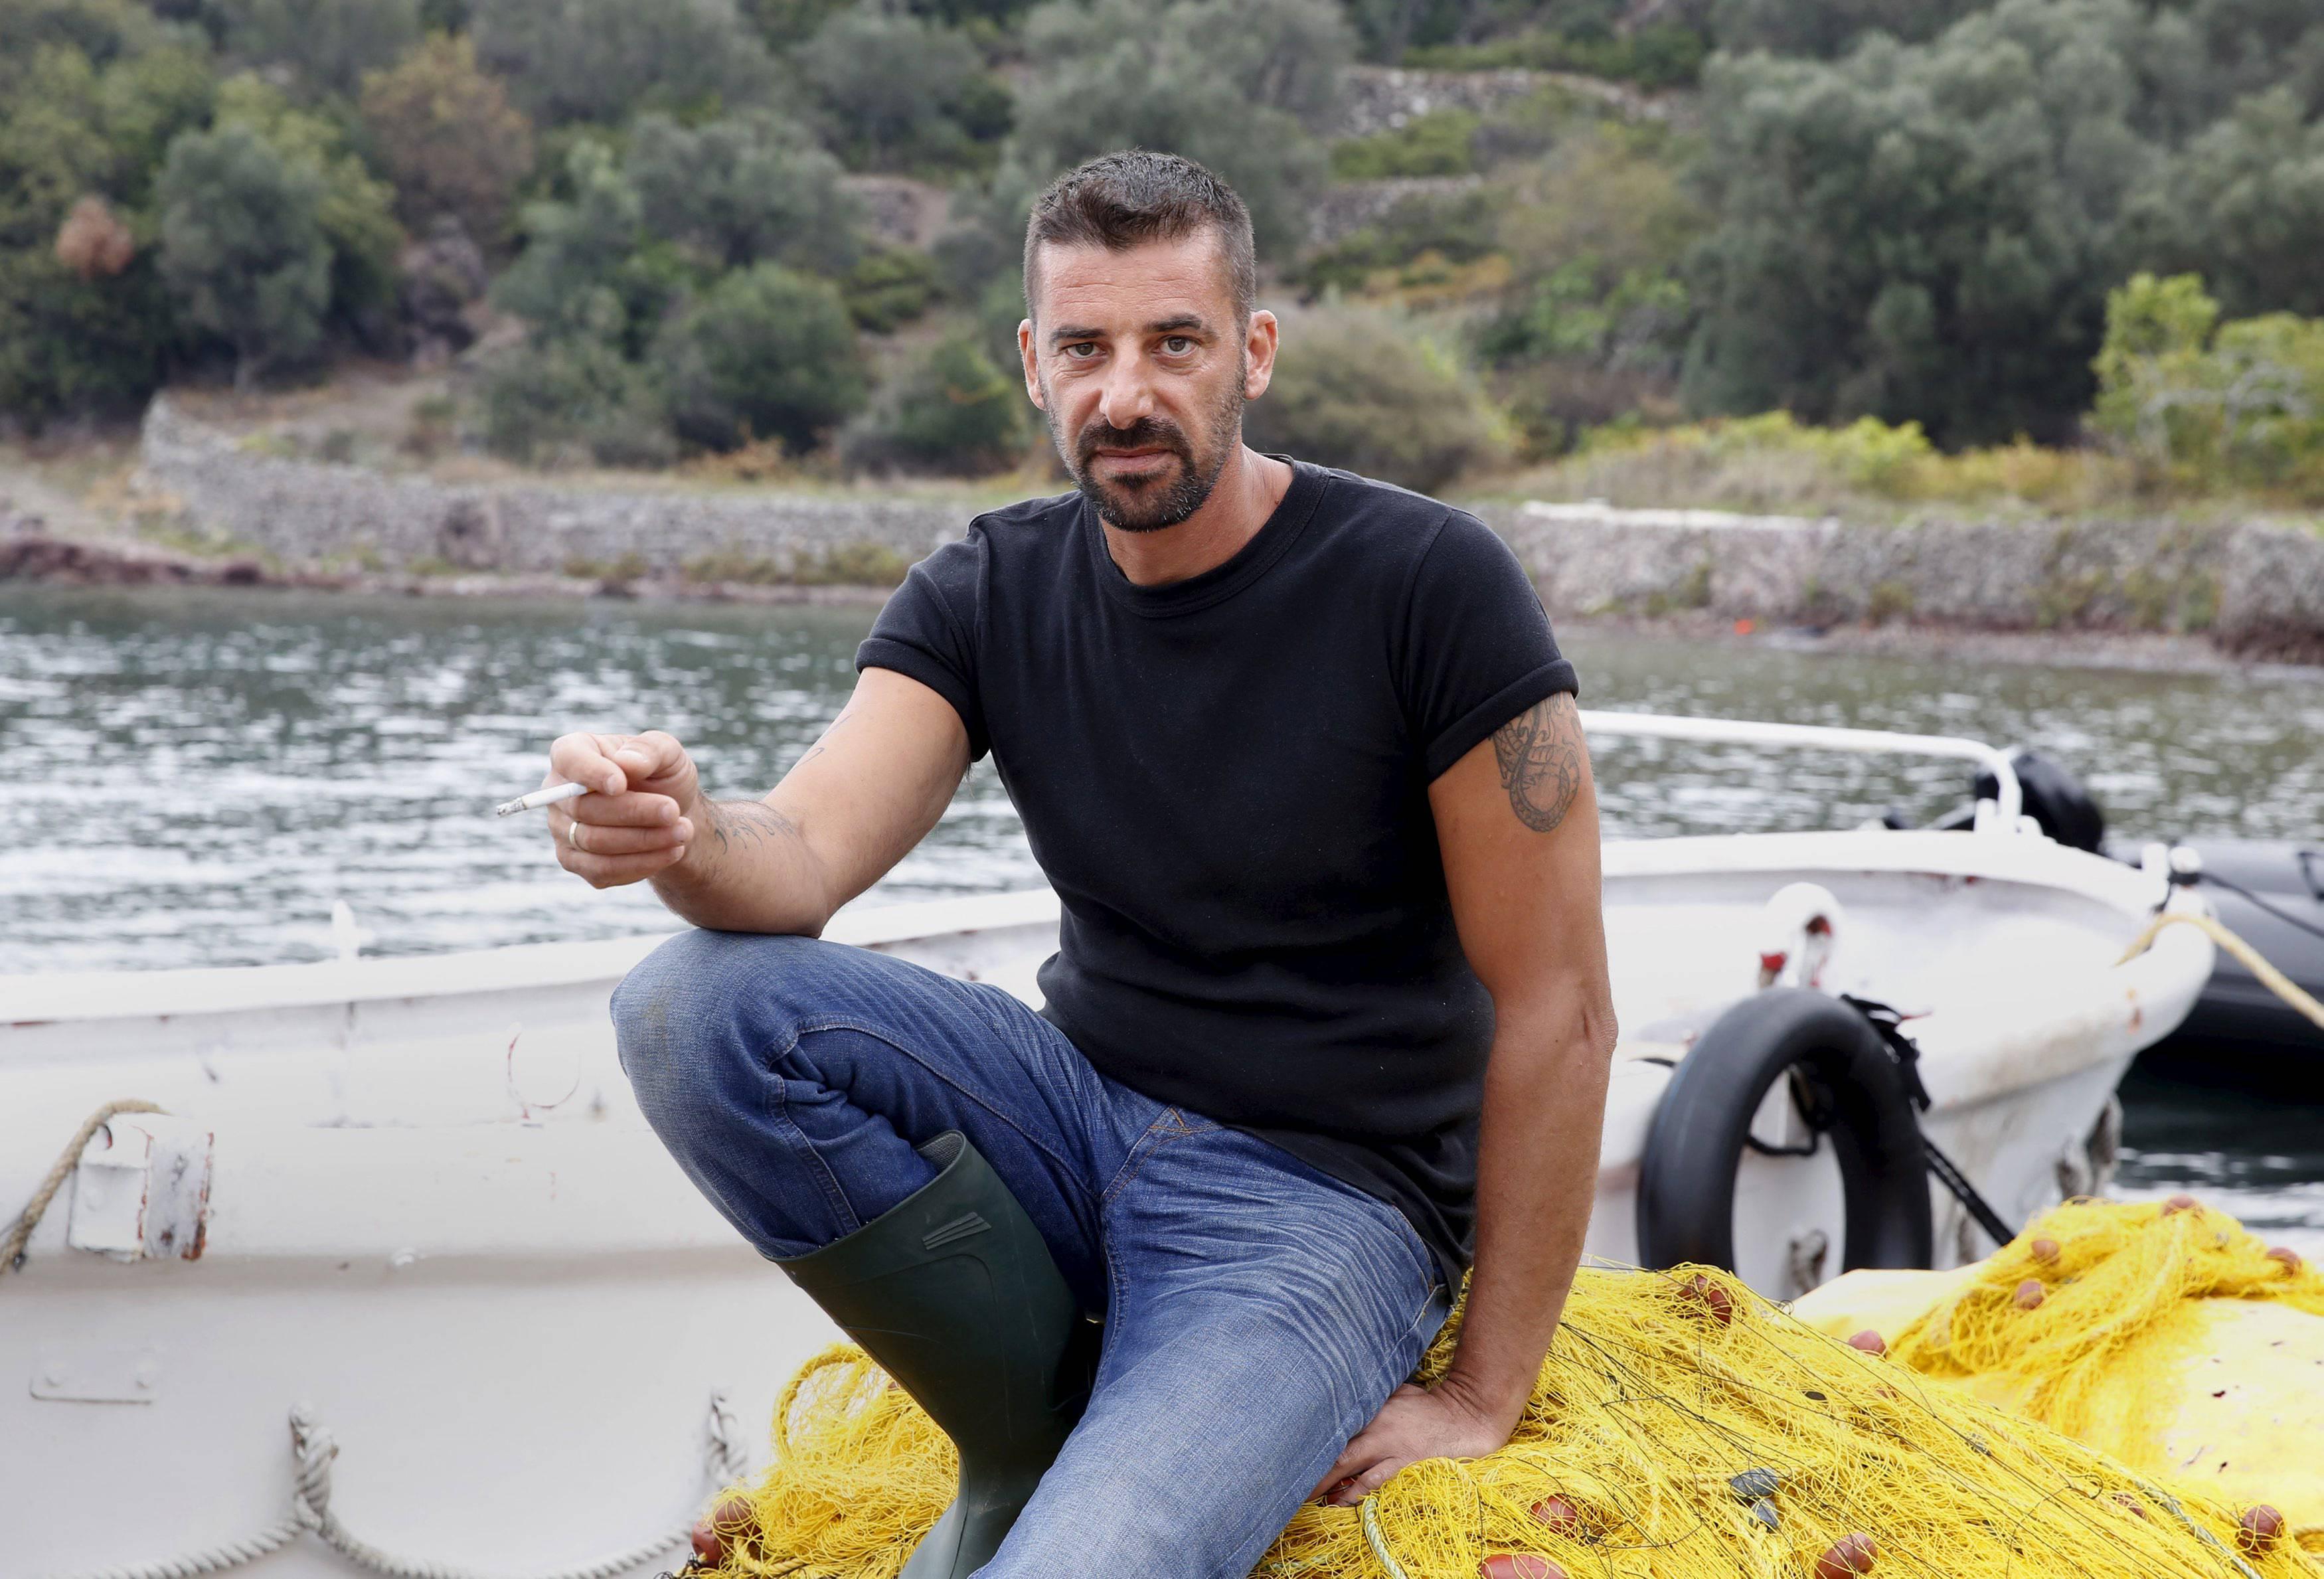 pescatore greco premio nobel